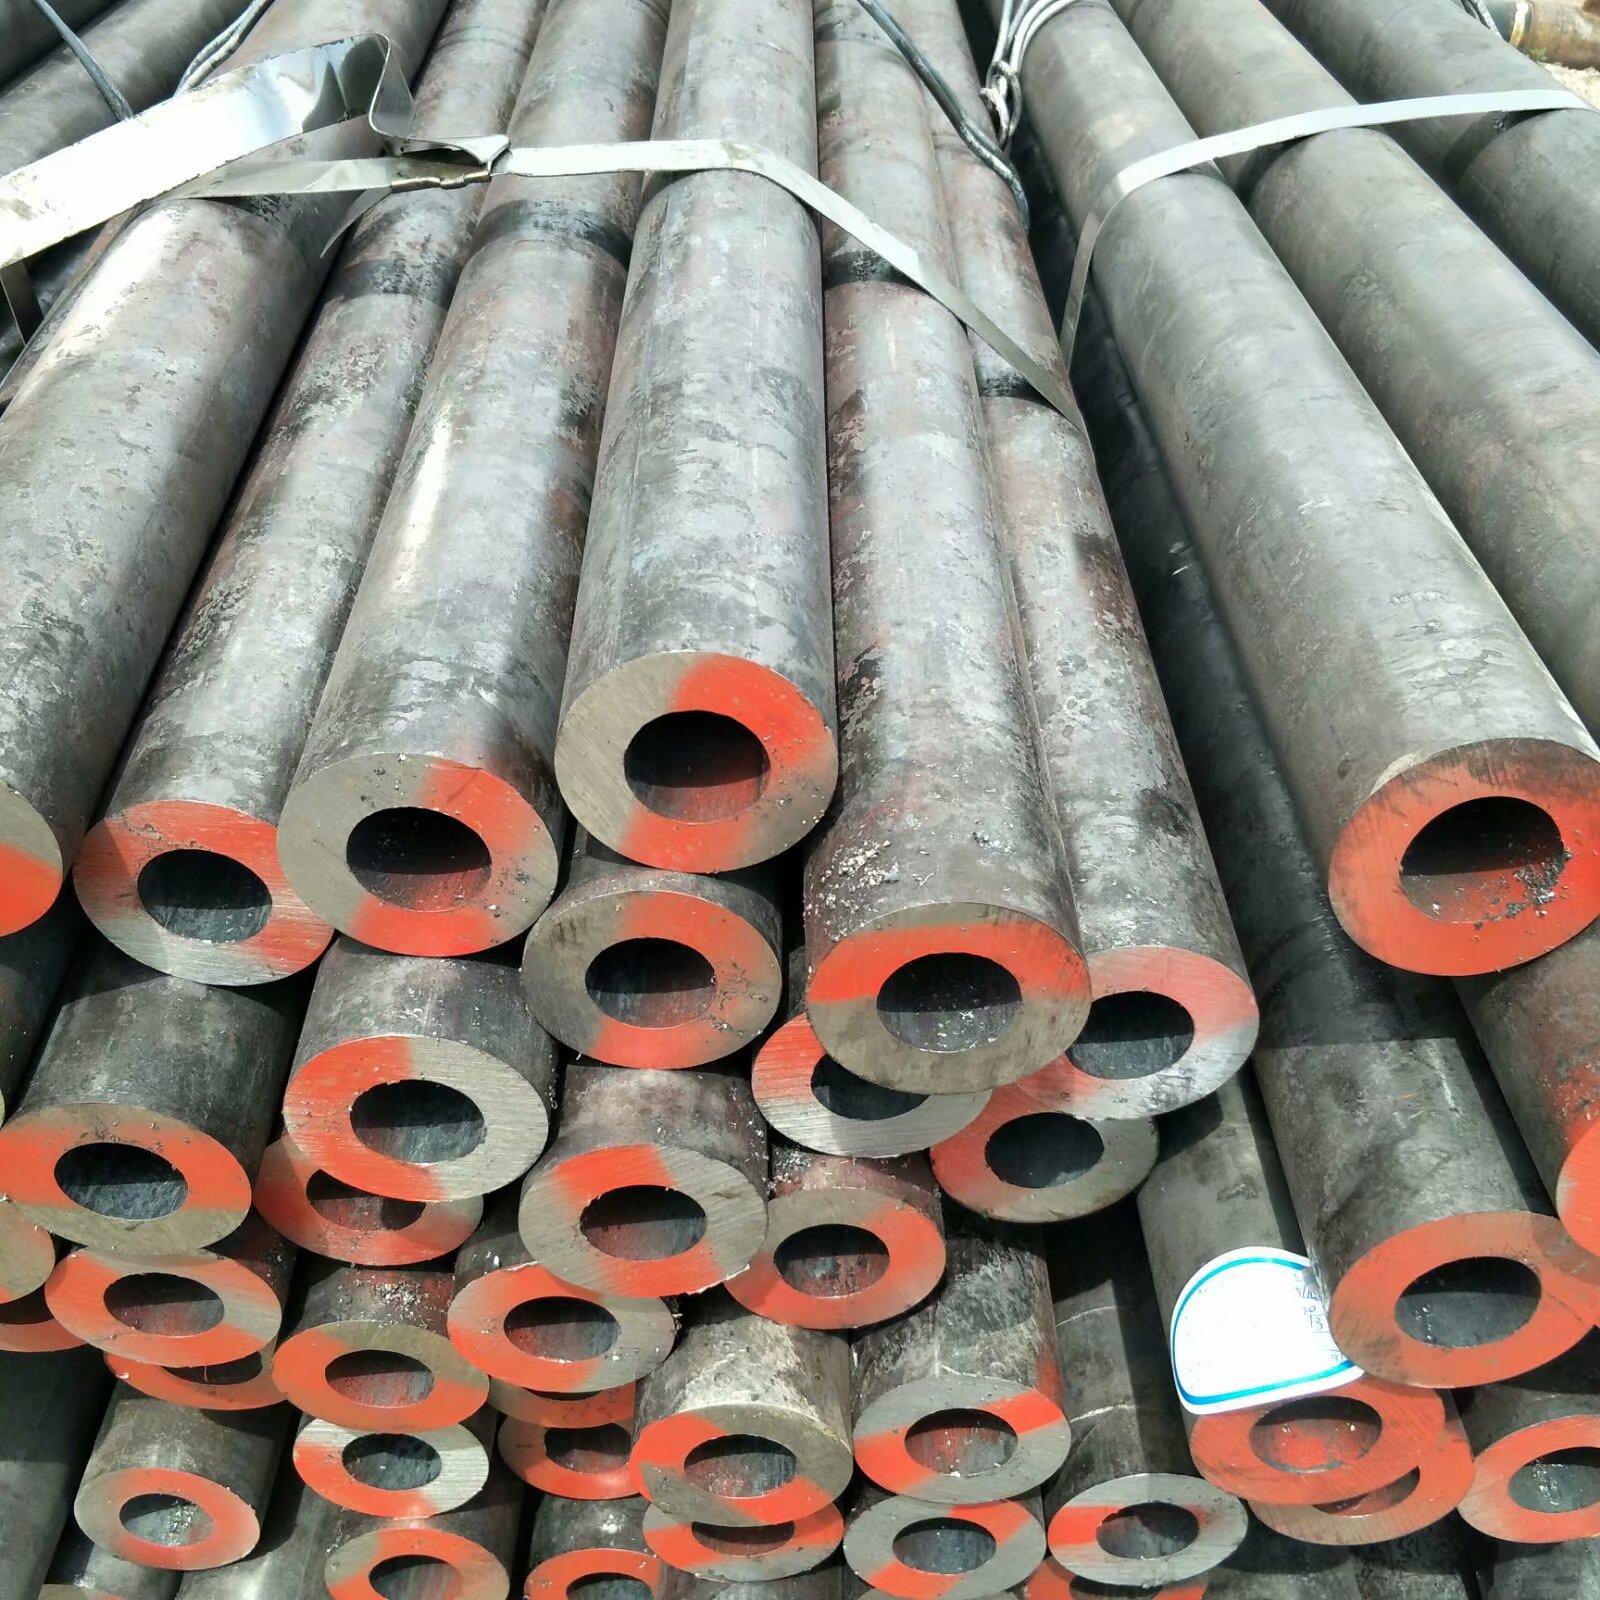 供应扬州精密液压无缝钢管扬州精密钢管报价 冷轧精密管哪里可以加工